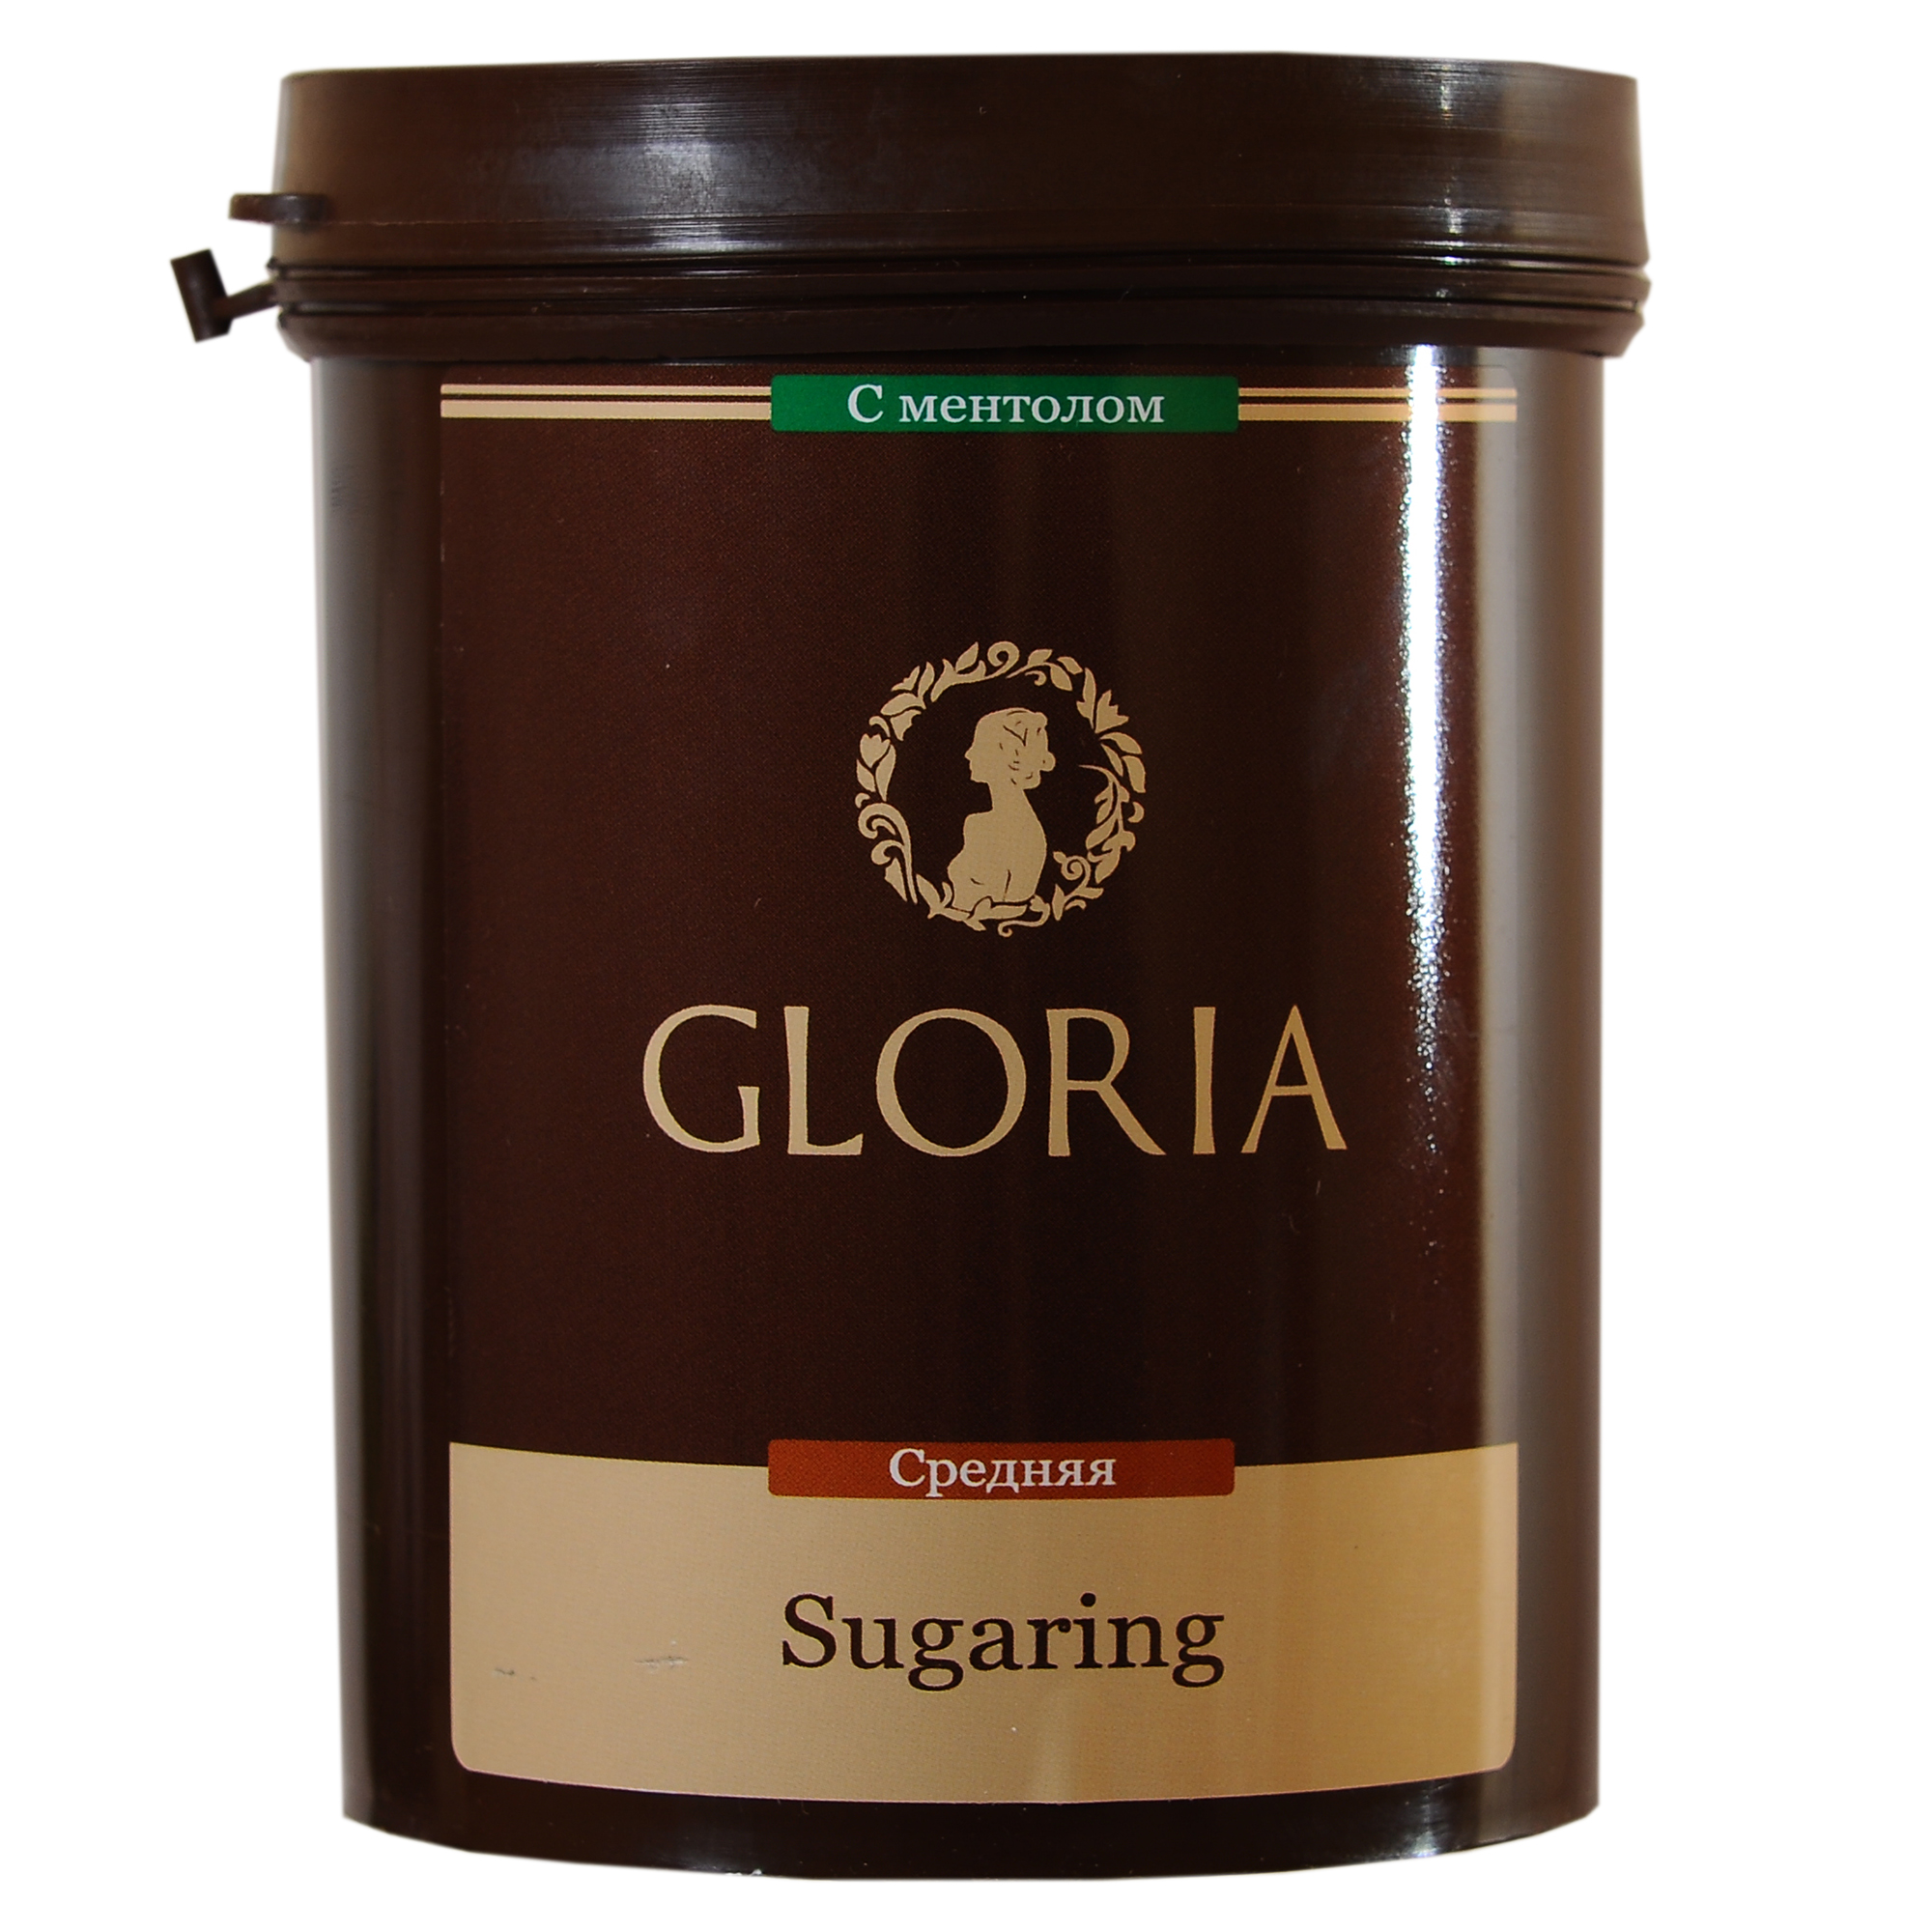 GLORIA Паста для шугаринга Gloria средняя с ментолом 0,8 кгСахарные пасты<br>Мы заботимся не только о комфорте работы для мастеров, но и качестве процедуры шугаринга для клиентов. Поэтому мы разработали линейку пасты для сахарной эпиляции, в которую добавили ментол. Ментол позволит не только уменьшить болезненность неприятных ощущений во время процедуры шугаринга, но подарит коже клиента приятную прохладу. Активные ингредиенты: вода, глюкоза, фруктоза, лимонный сок. Способ применения:&amp;nbsp;на предварительно очищенную и обезжиренную кожу нанести небольшое количество пасты в направлении, противоположном направлению роста волос. Резким движением оторвать пасту вместе с нежелательными волосками, второй рукой натягивая кожу в противоположную сторону. По окончании процедуры остатки пасты удалить влажной салфеткой. Количество процедур: 25-30<br><br>Объем: 0,8 кг<br>Вид средства для тела: Сахарный